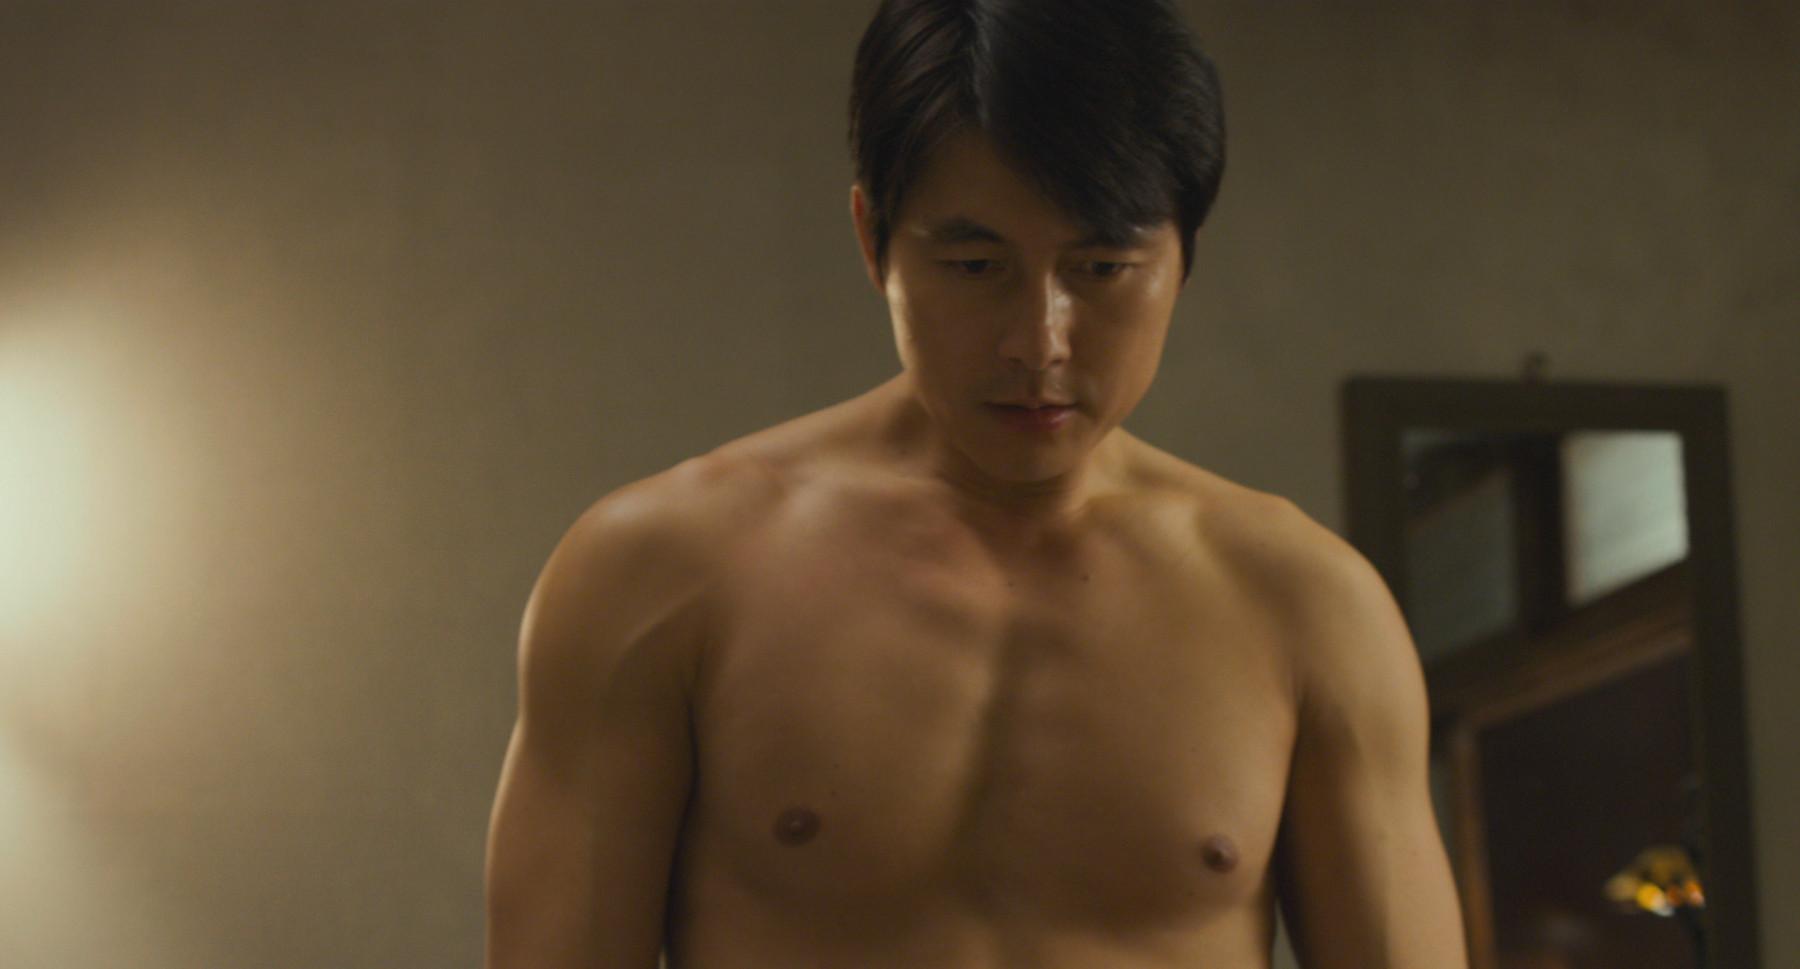 ▼鄭雨盛在片中展現健壯好身材。(圖/采昌)